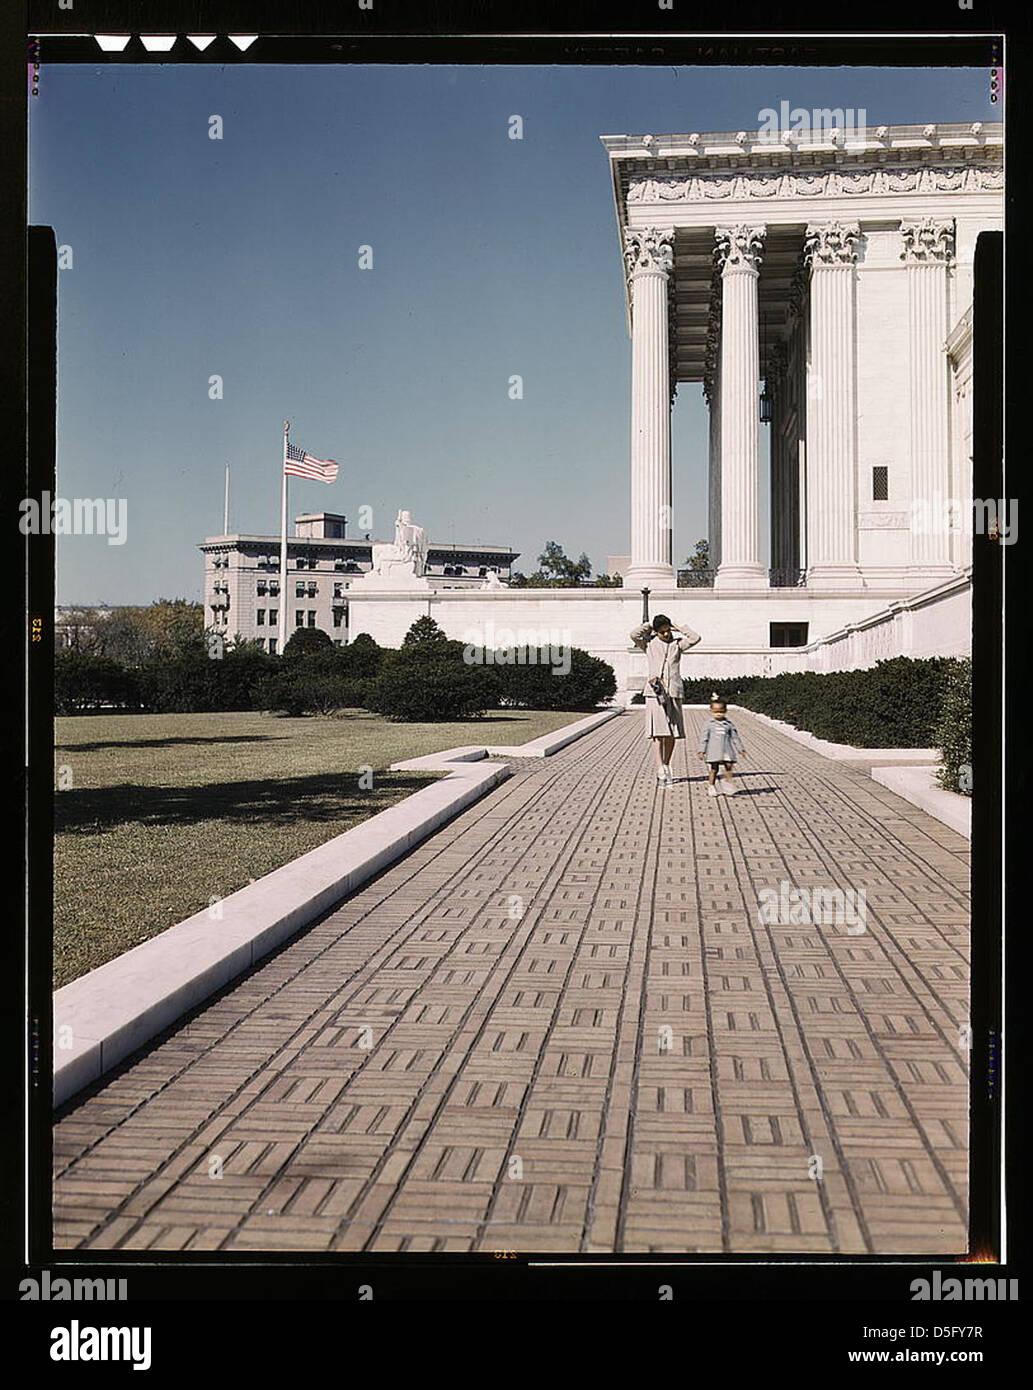 U.S. Supreme Court Building, Washington, D.C. (LOC) - Stock Image